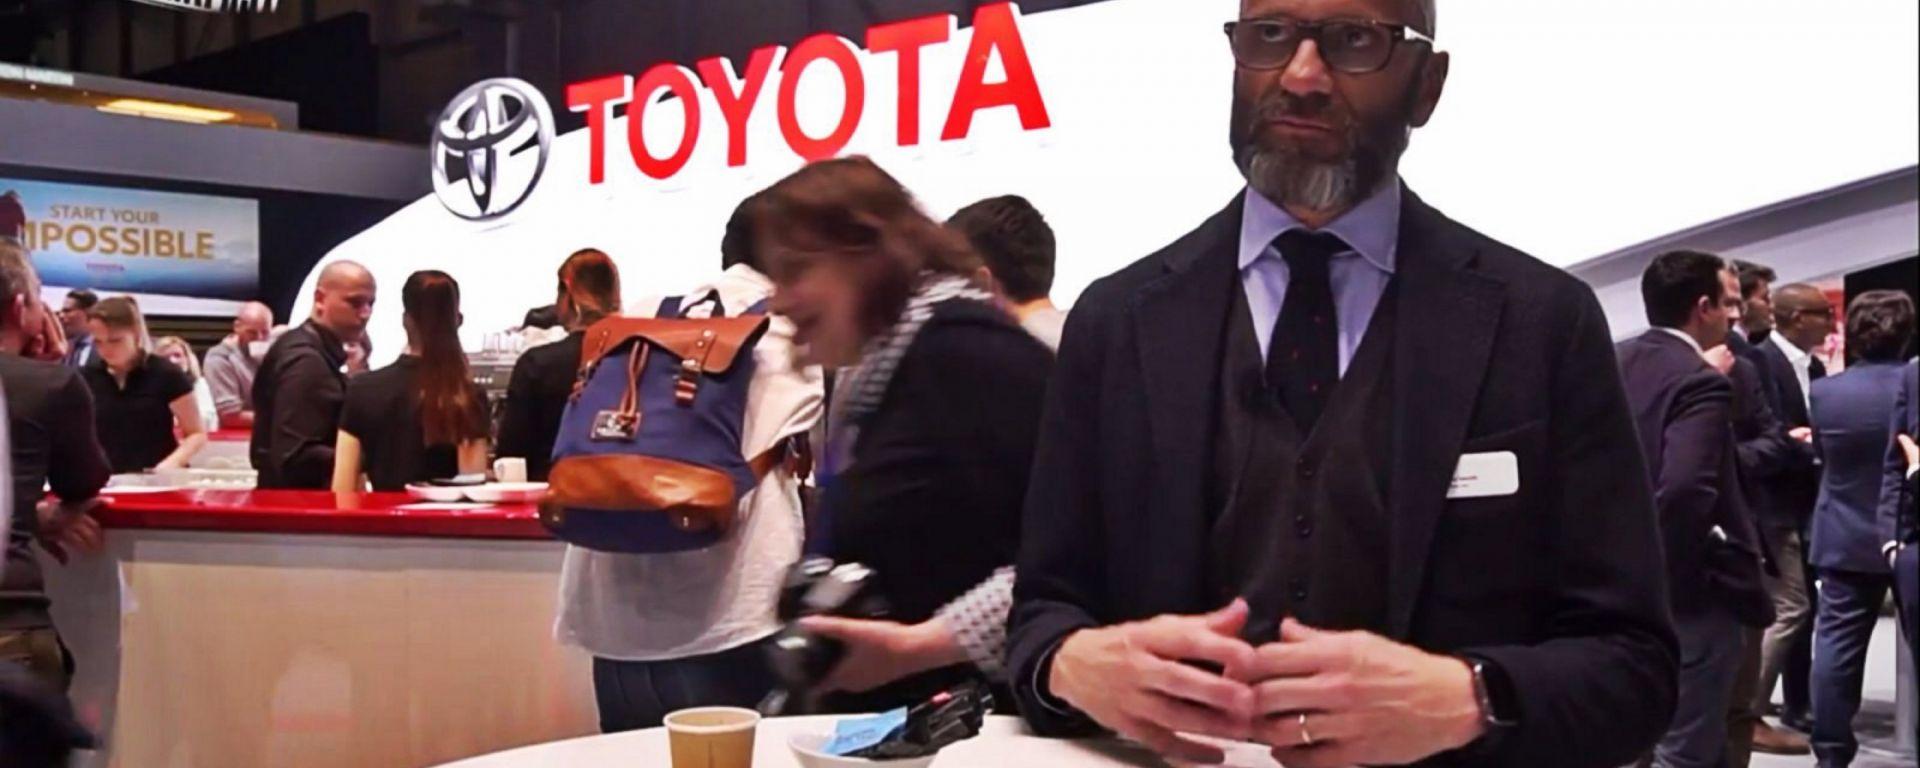 Toyota: elettrificazione al Top e nuova Auris